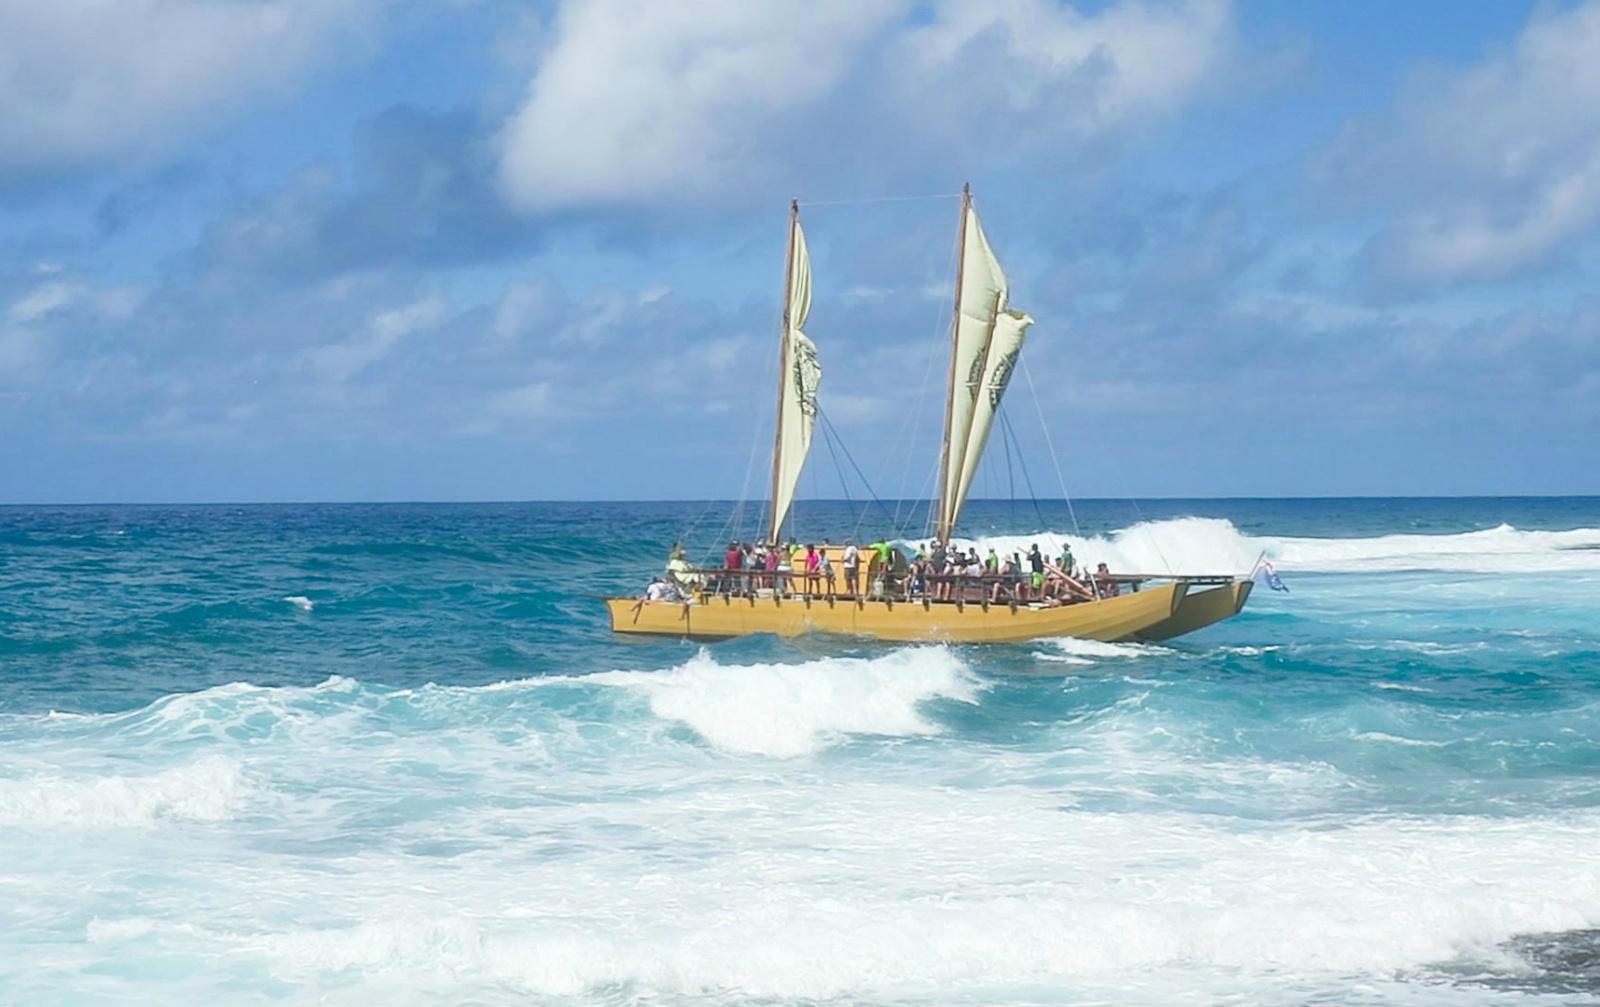 marumaru-atua-voyage-250417-k